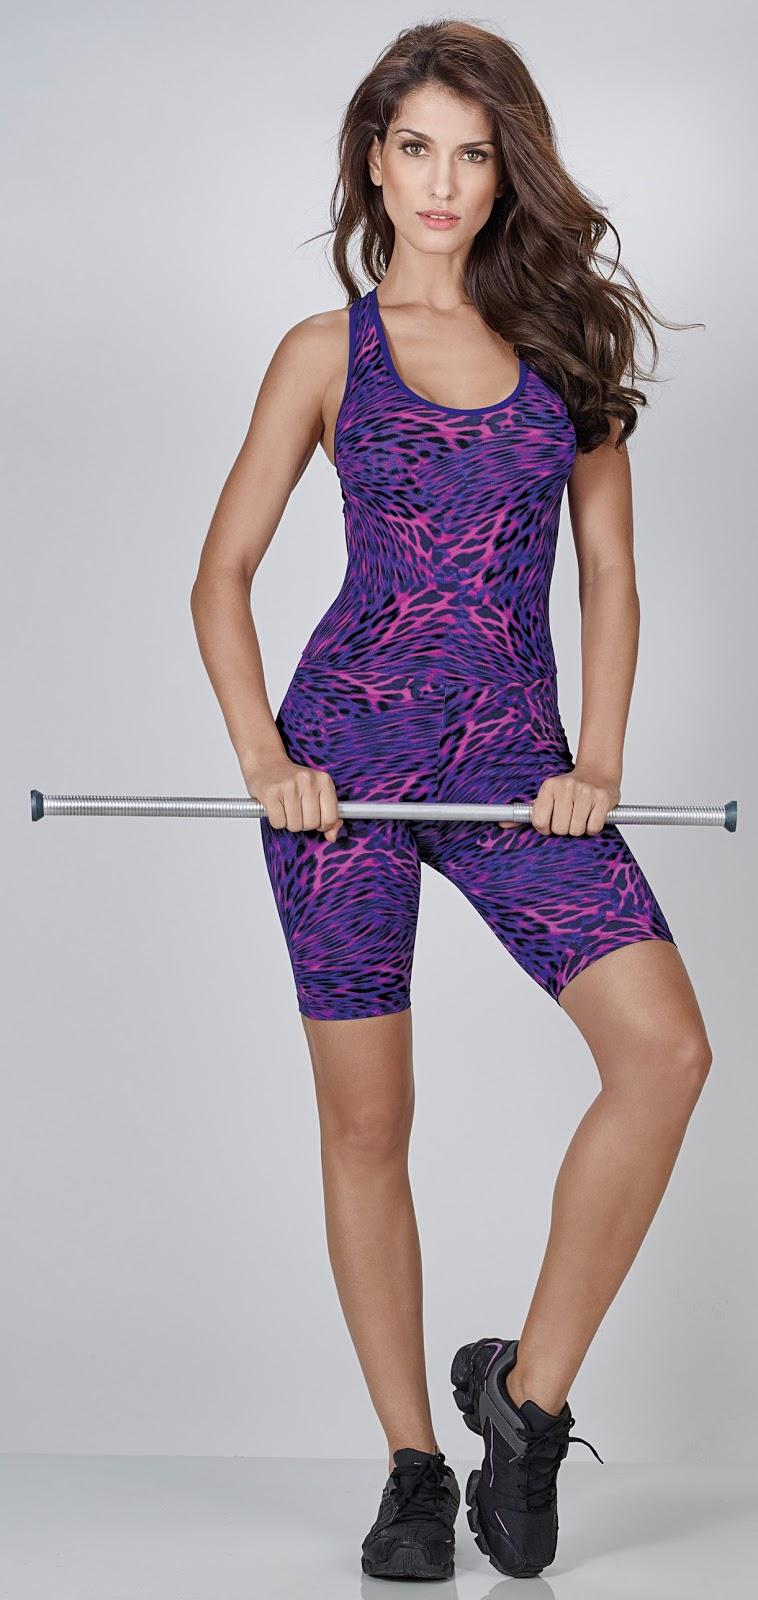 558e45db4 A linha DeMillus para prática esportiva é confeccionada em elastano fitness  e tem modelagem desenvolvida para proporcionar conforto e bem-estar durante  os ...